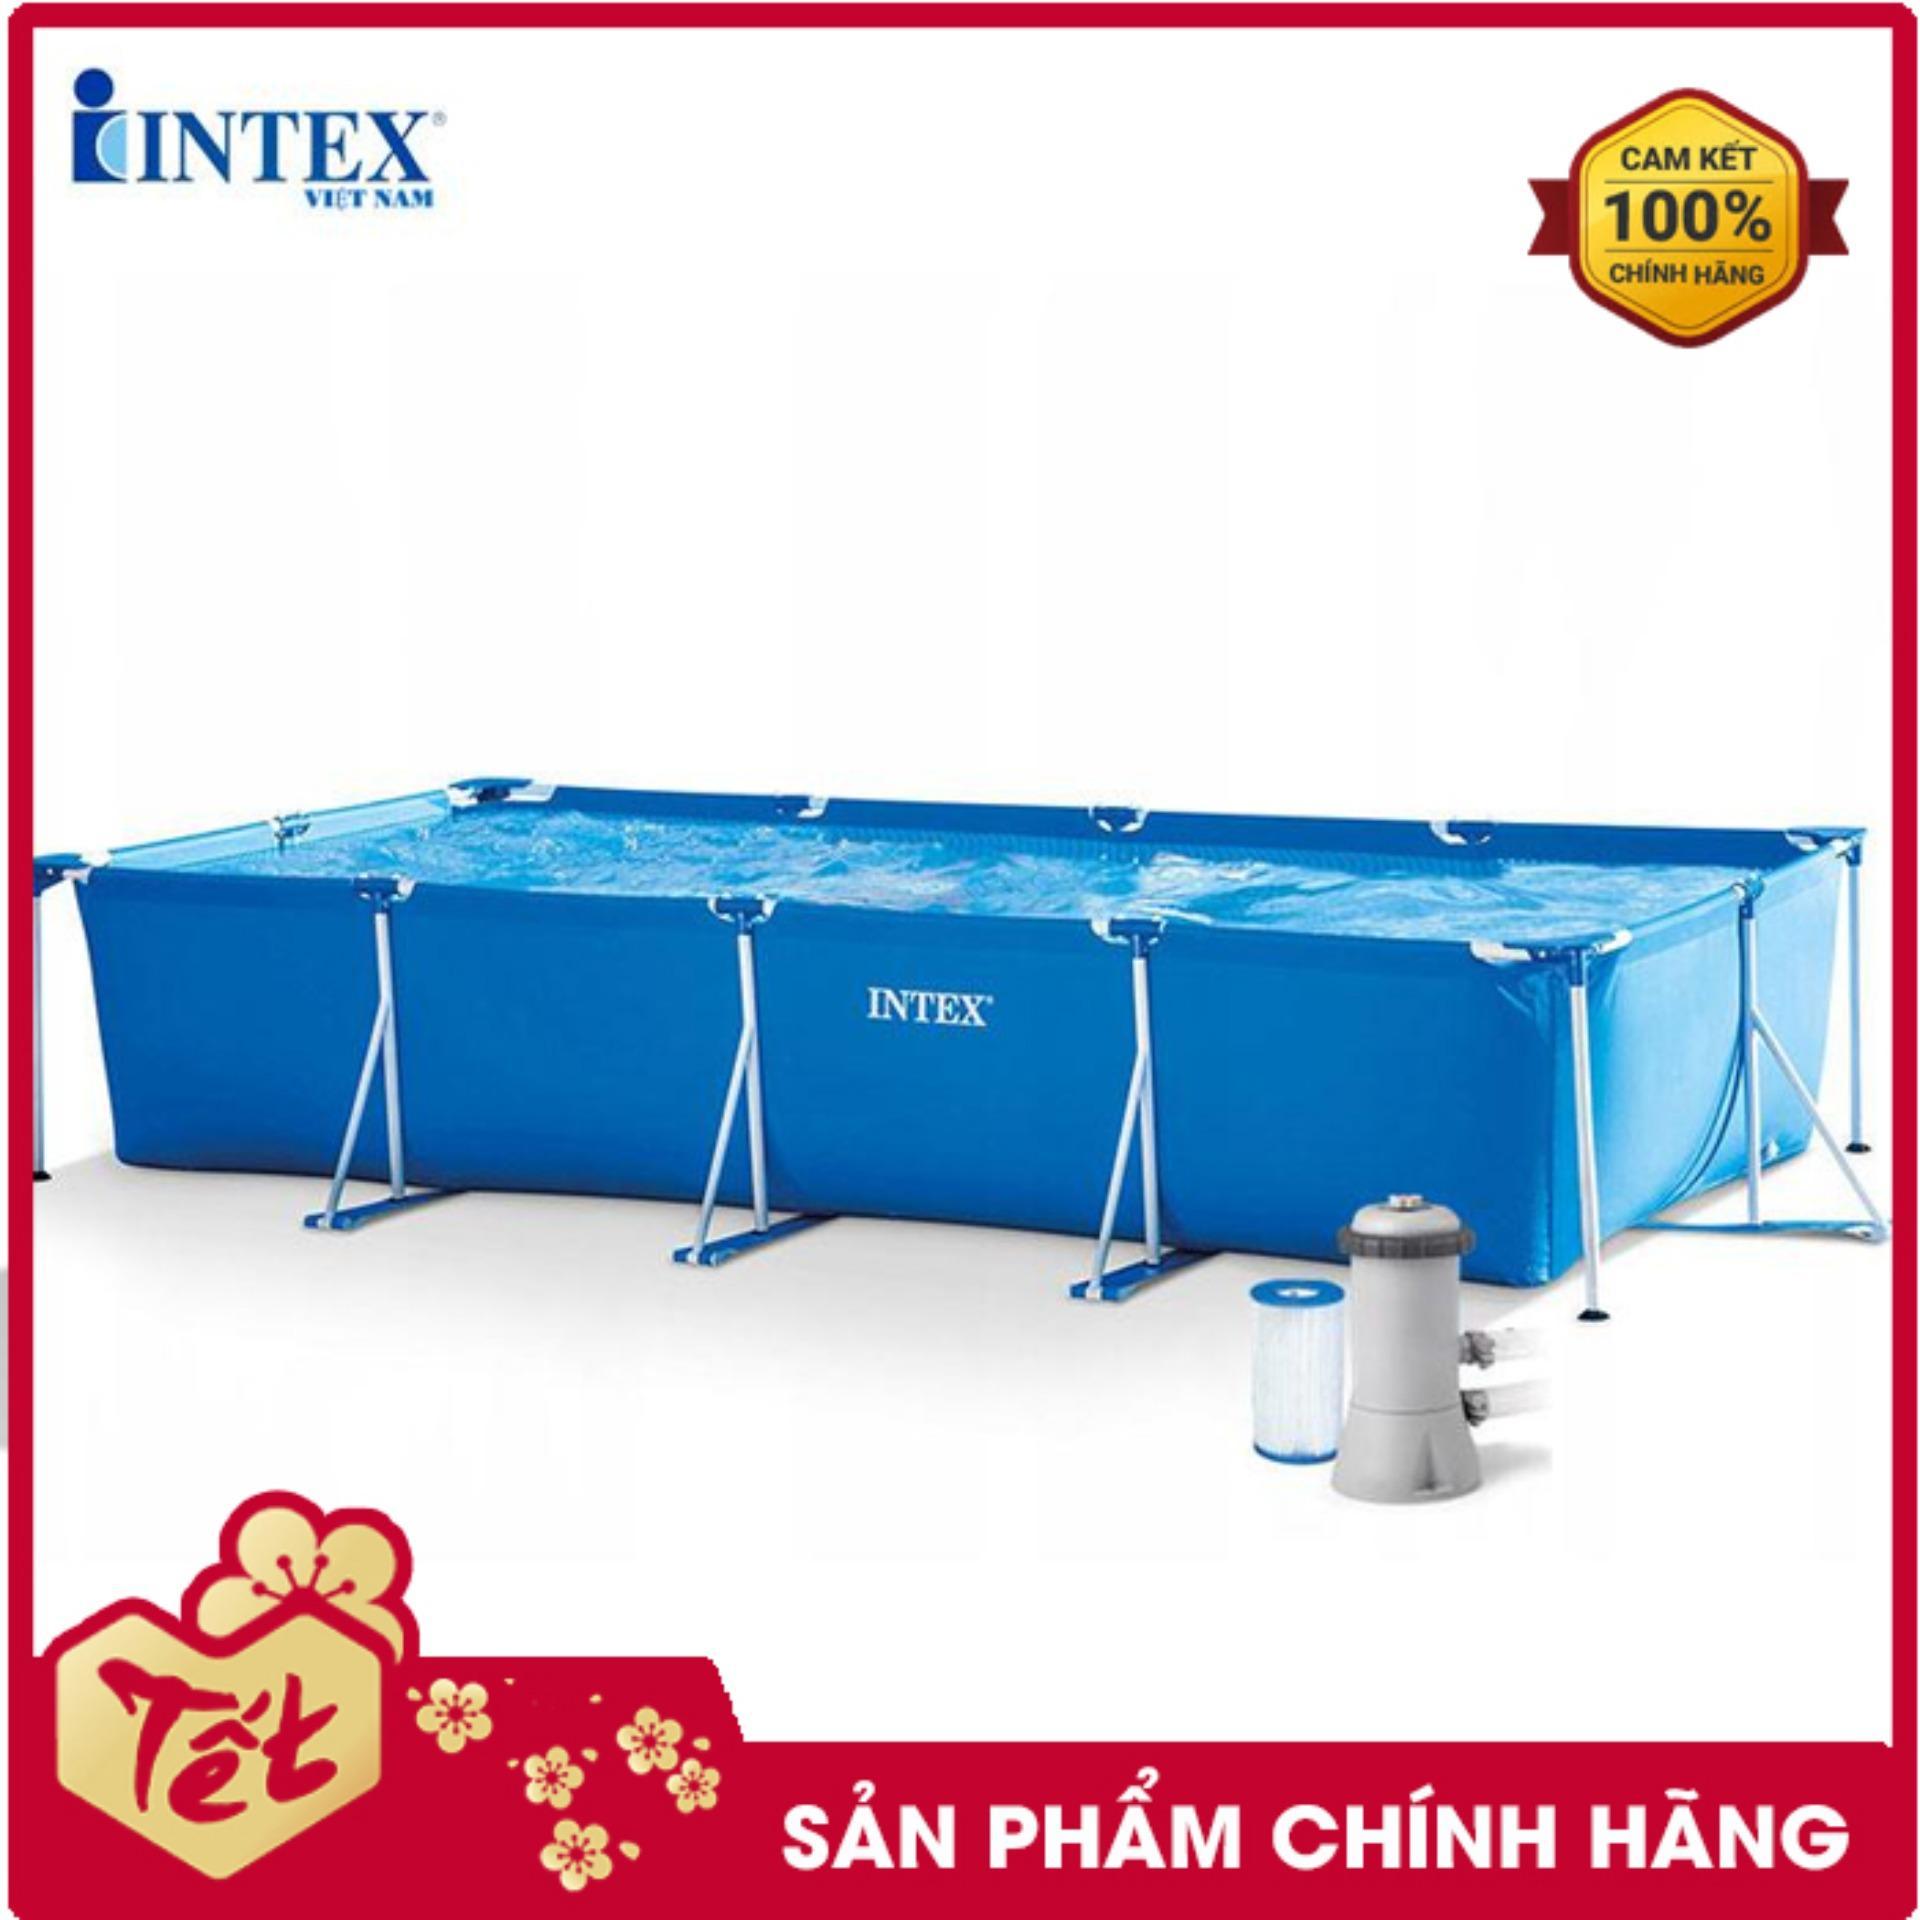 Bể bơi khung kim loại gia đình cỡ lớn chữ nhật INTEX 28273 - INTEX Việt Nam - Hồ bơi cho bé mini, Bể bơi phao trẻ em, bể bơi cỡ lớn, bể bơi ngoài trời